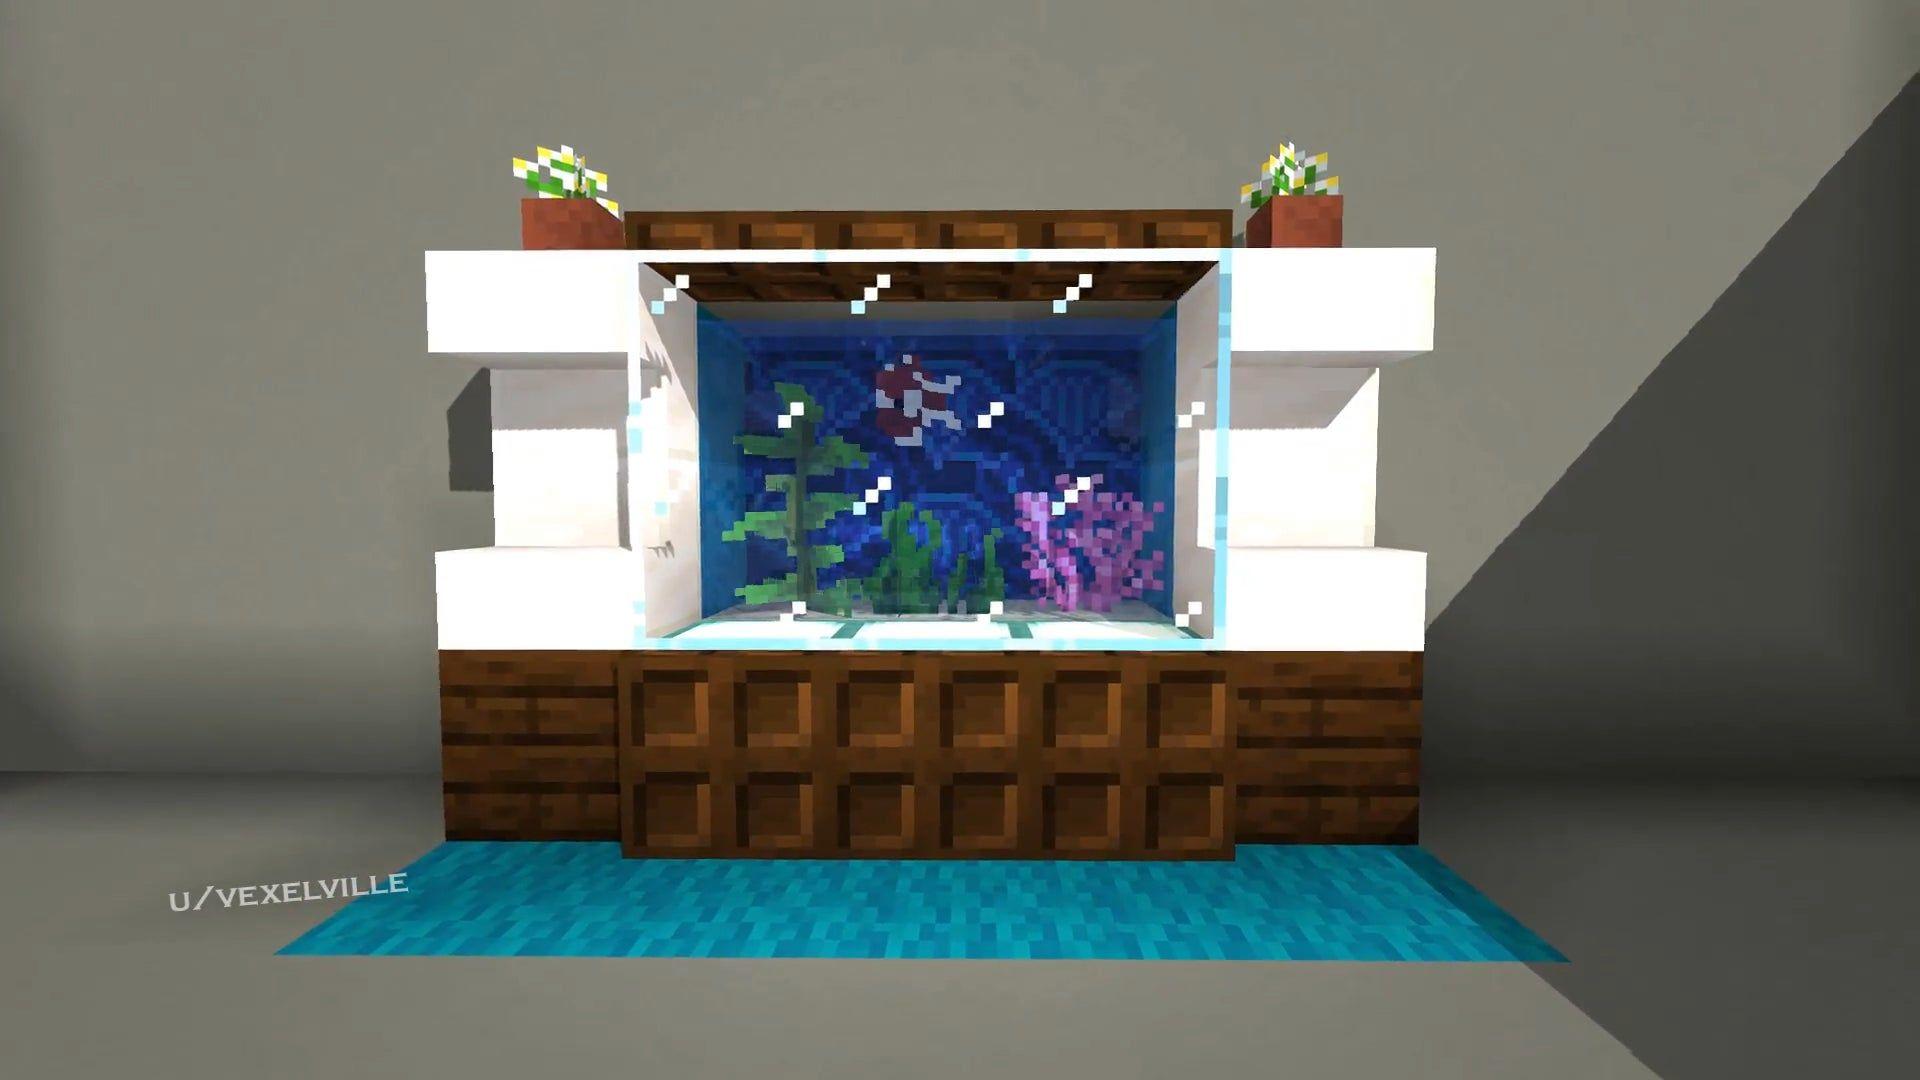 R Minecraft Build A Neat And Simple Aquarium Interior Design For